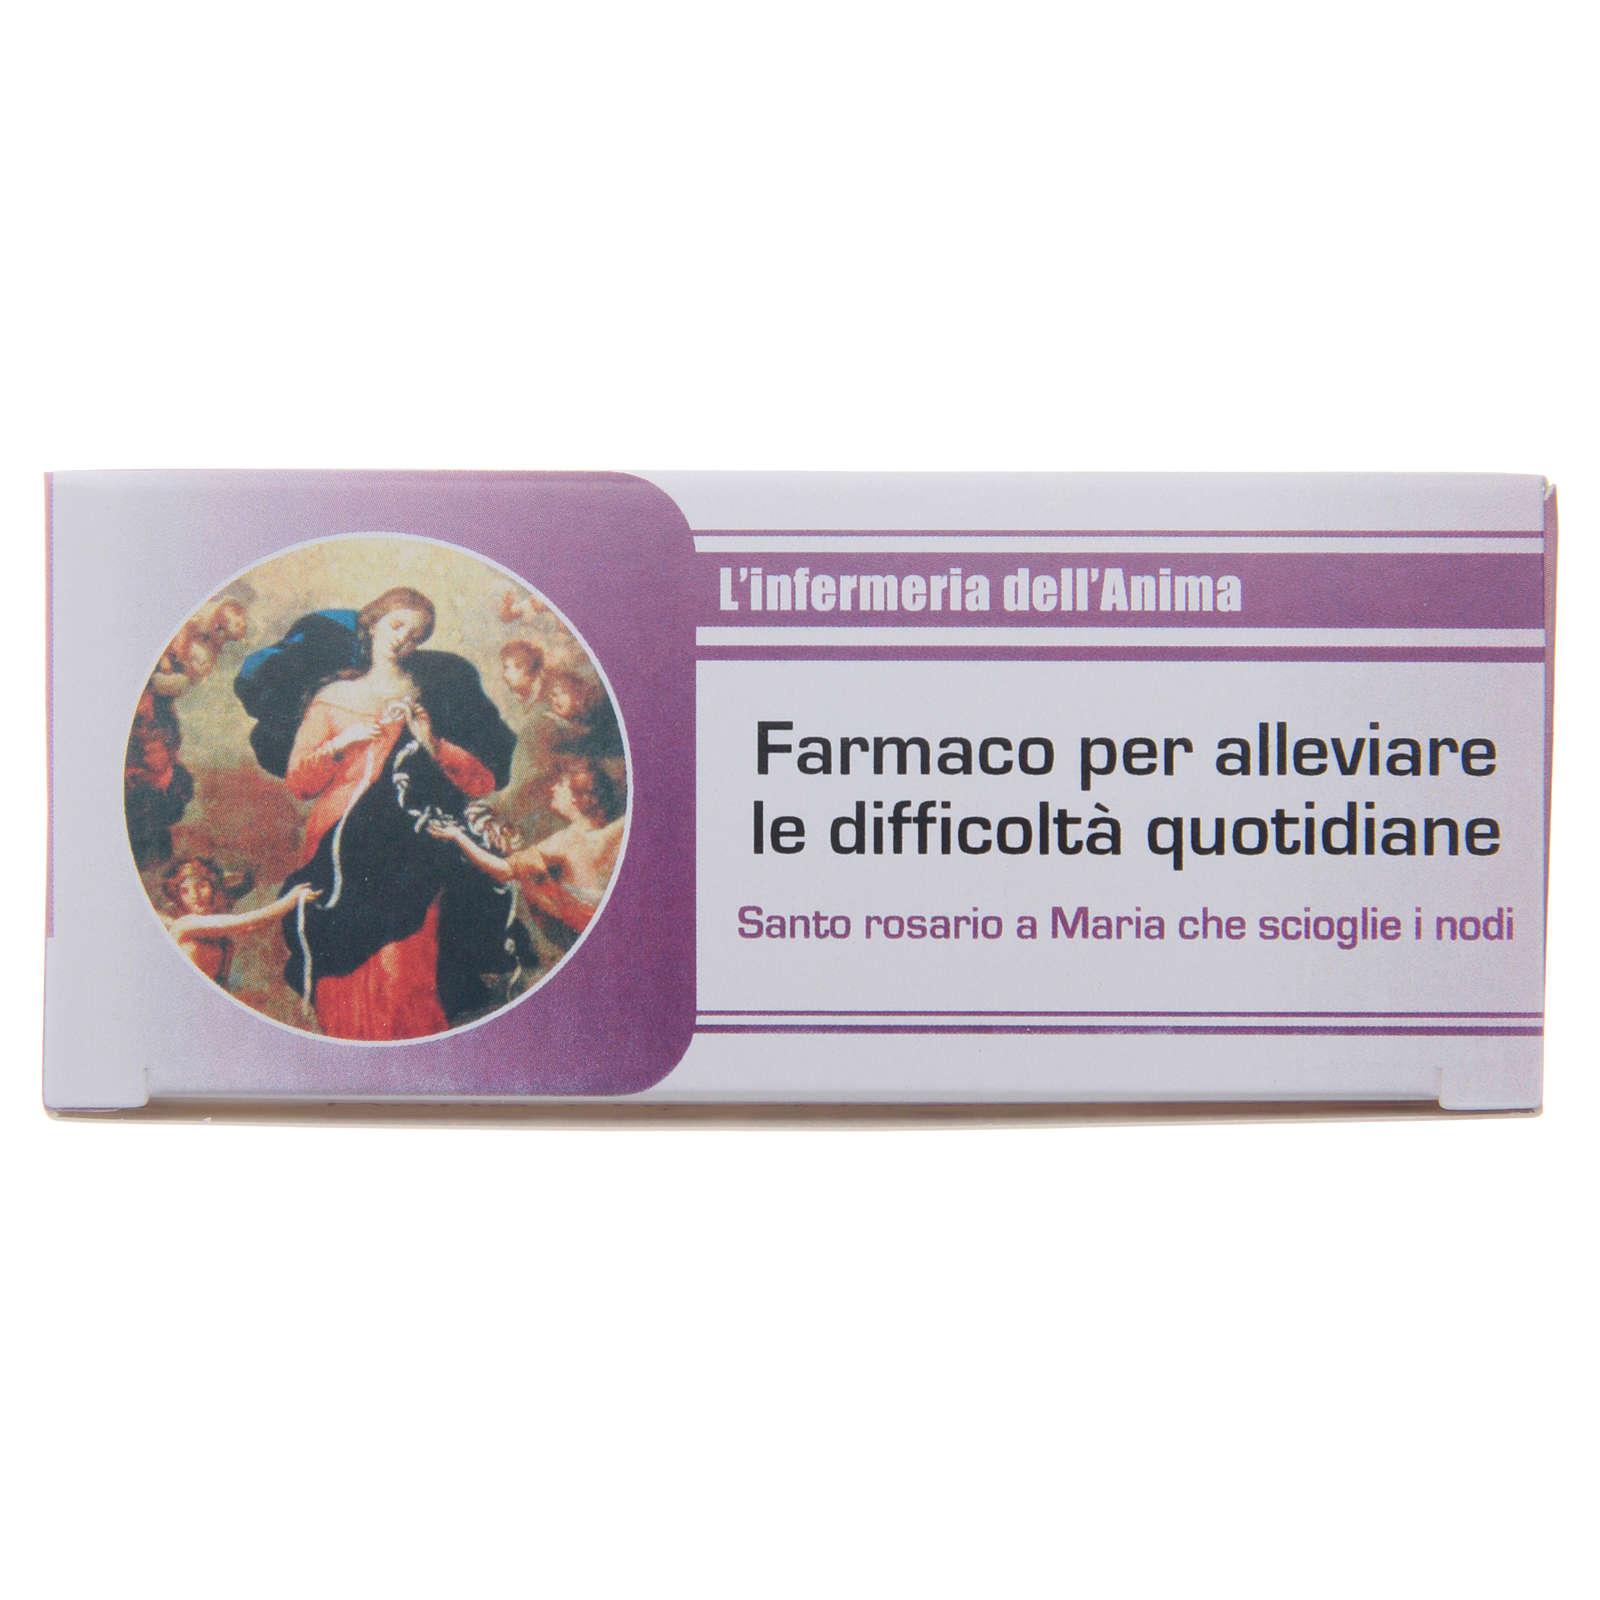 Rosario Infermeria dell'Anima Madonna scioglie nodi ITALIANO 4